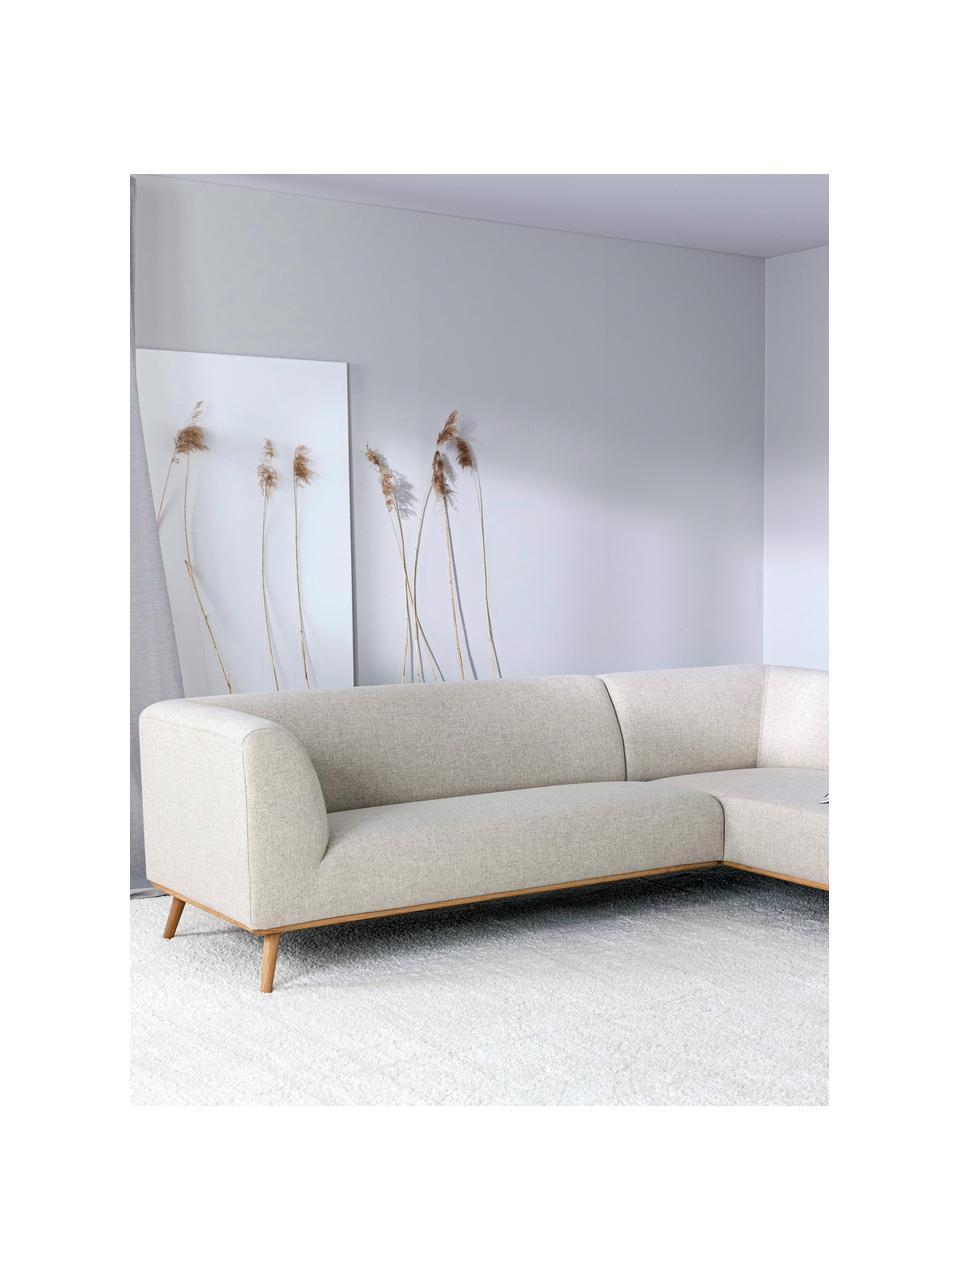 Sofa narożna z nogami z drewna dębowego Archie, Tapicerka: 100% wełna 30000 cykli w, Stelaż: drewno sosnowe, Tapicerka: pianka na zawieszeniu spr, Nogi: lite drewno dębowe, olejo, Beżowy, S 264 x G 162 cm